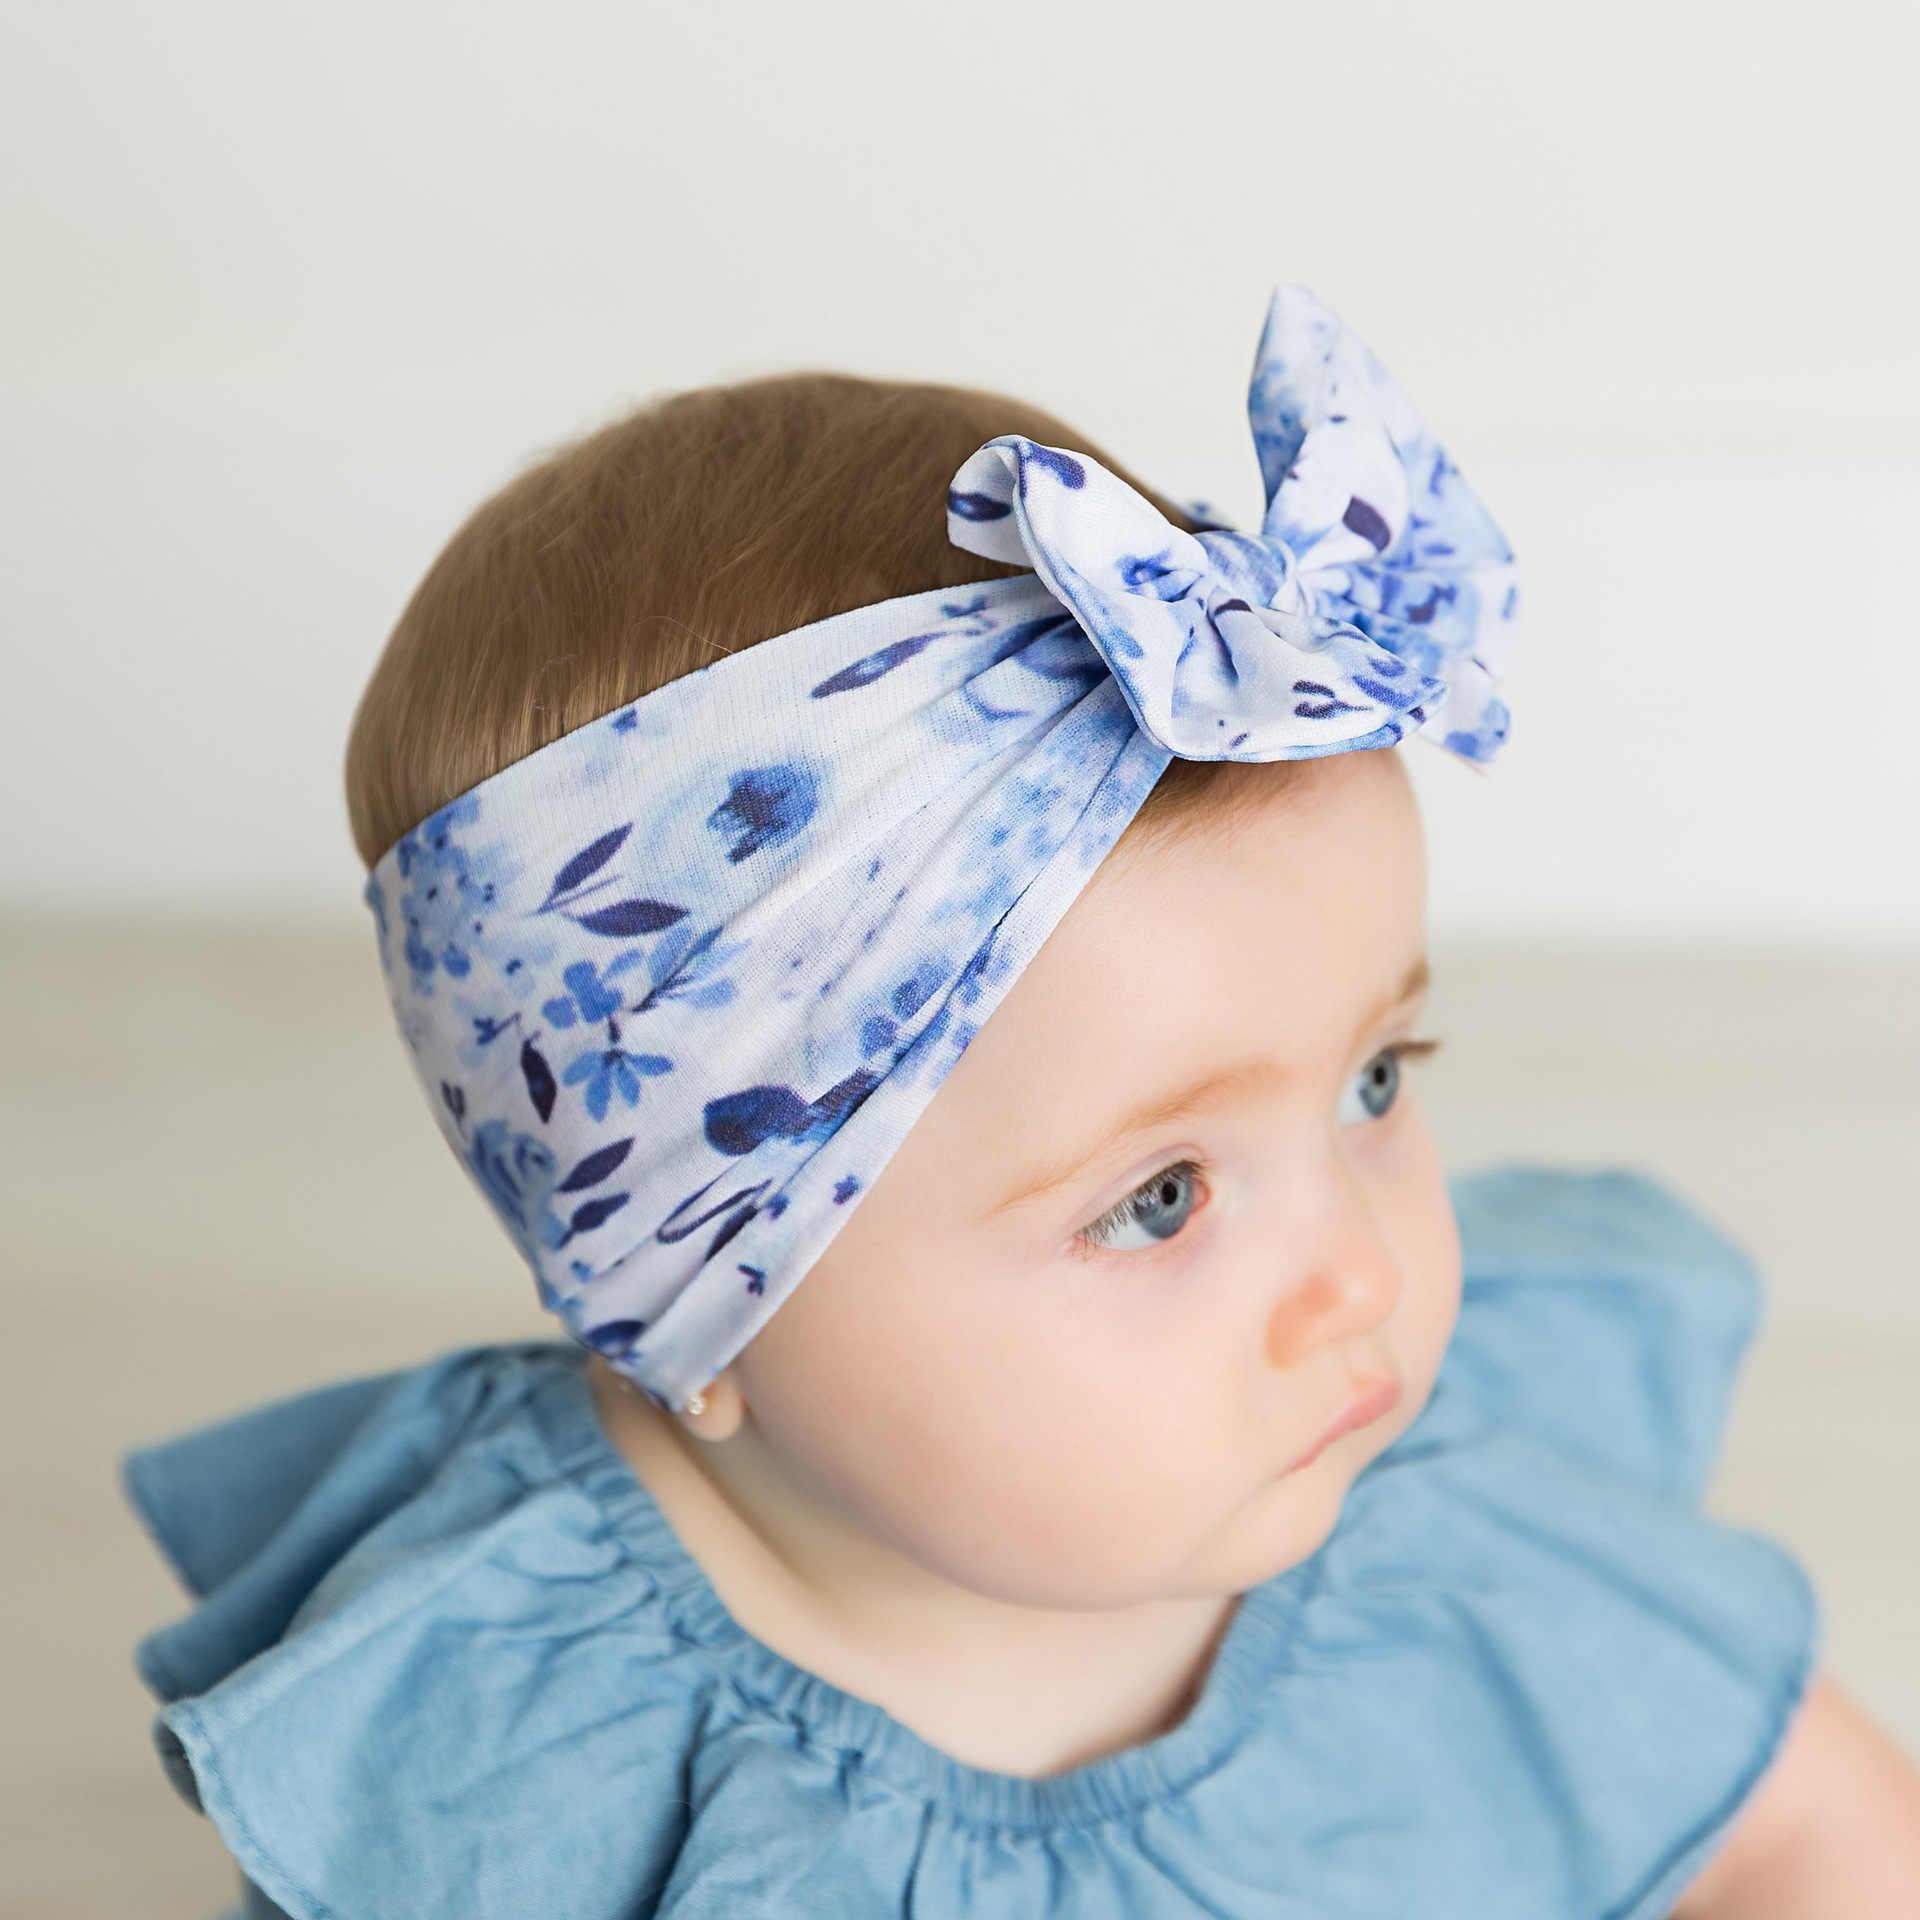 Nieuwe Baby Bloem Fruit Gedrukt Hoofdband voor Meisjes Kids Zachte Elastische Nylon Haarband Kids Hair Bows Haarbanden Hoofd Wraps Accessoires